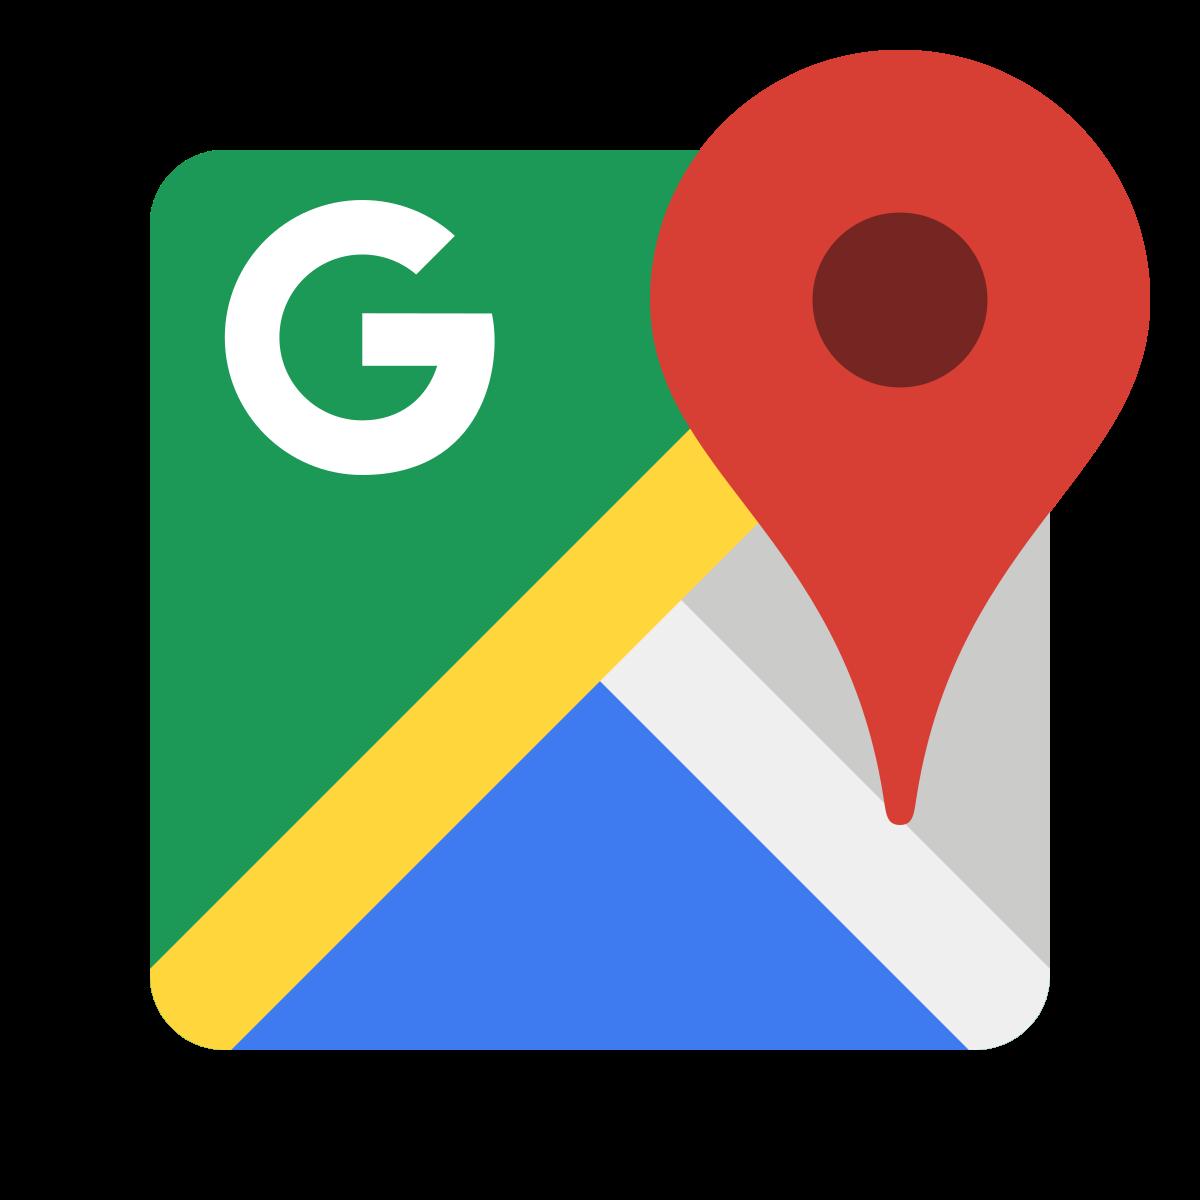 Trouver les coordonnées GPS à partir de l'adresse avec l'API Google Maps